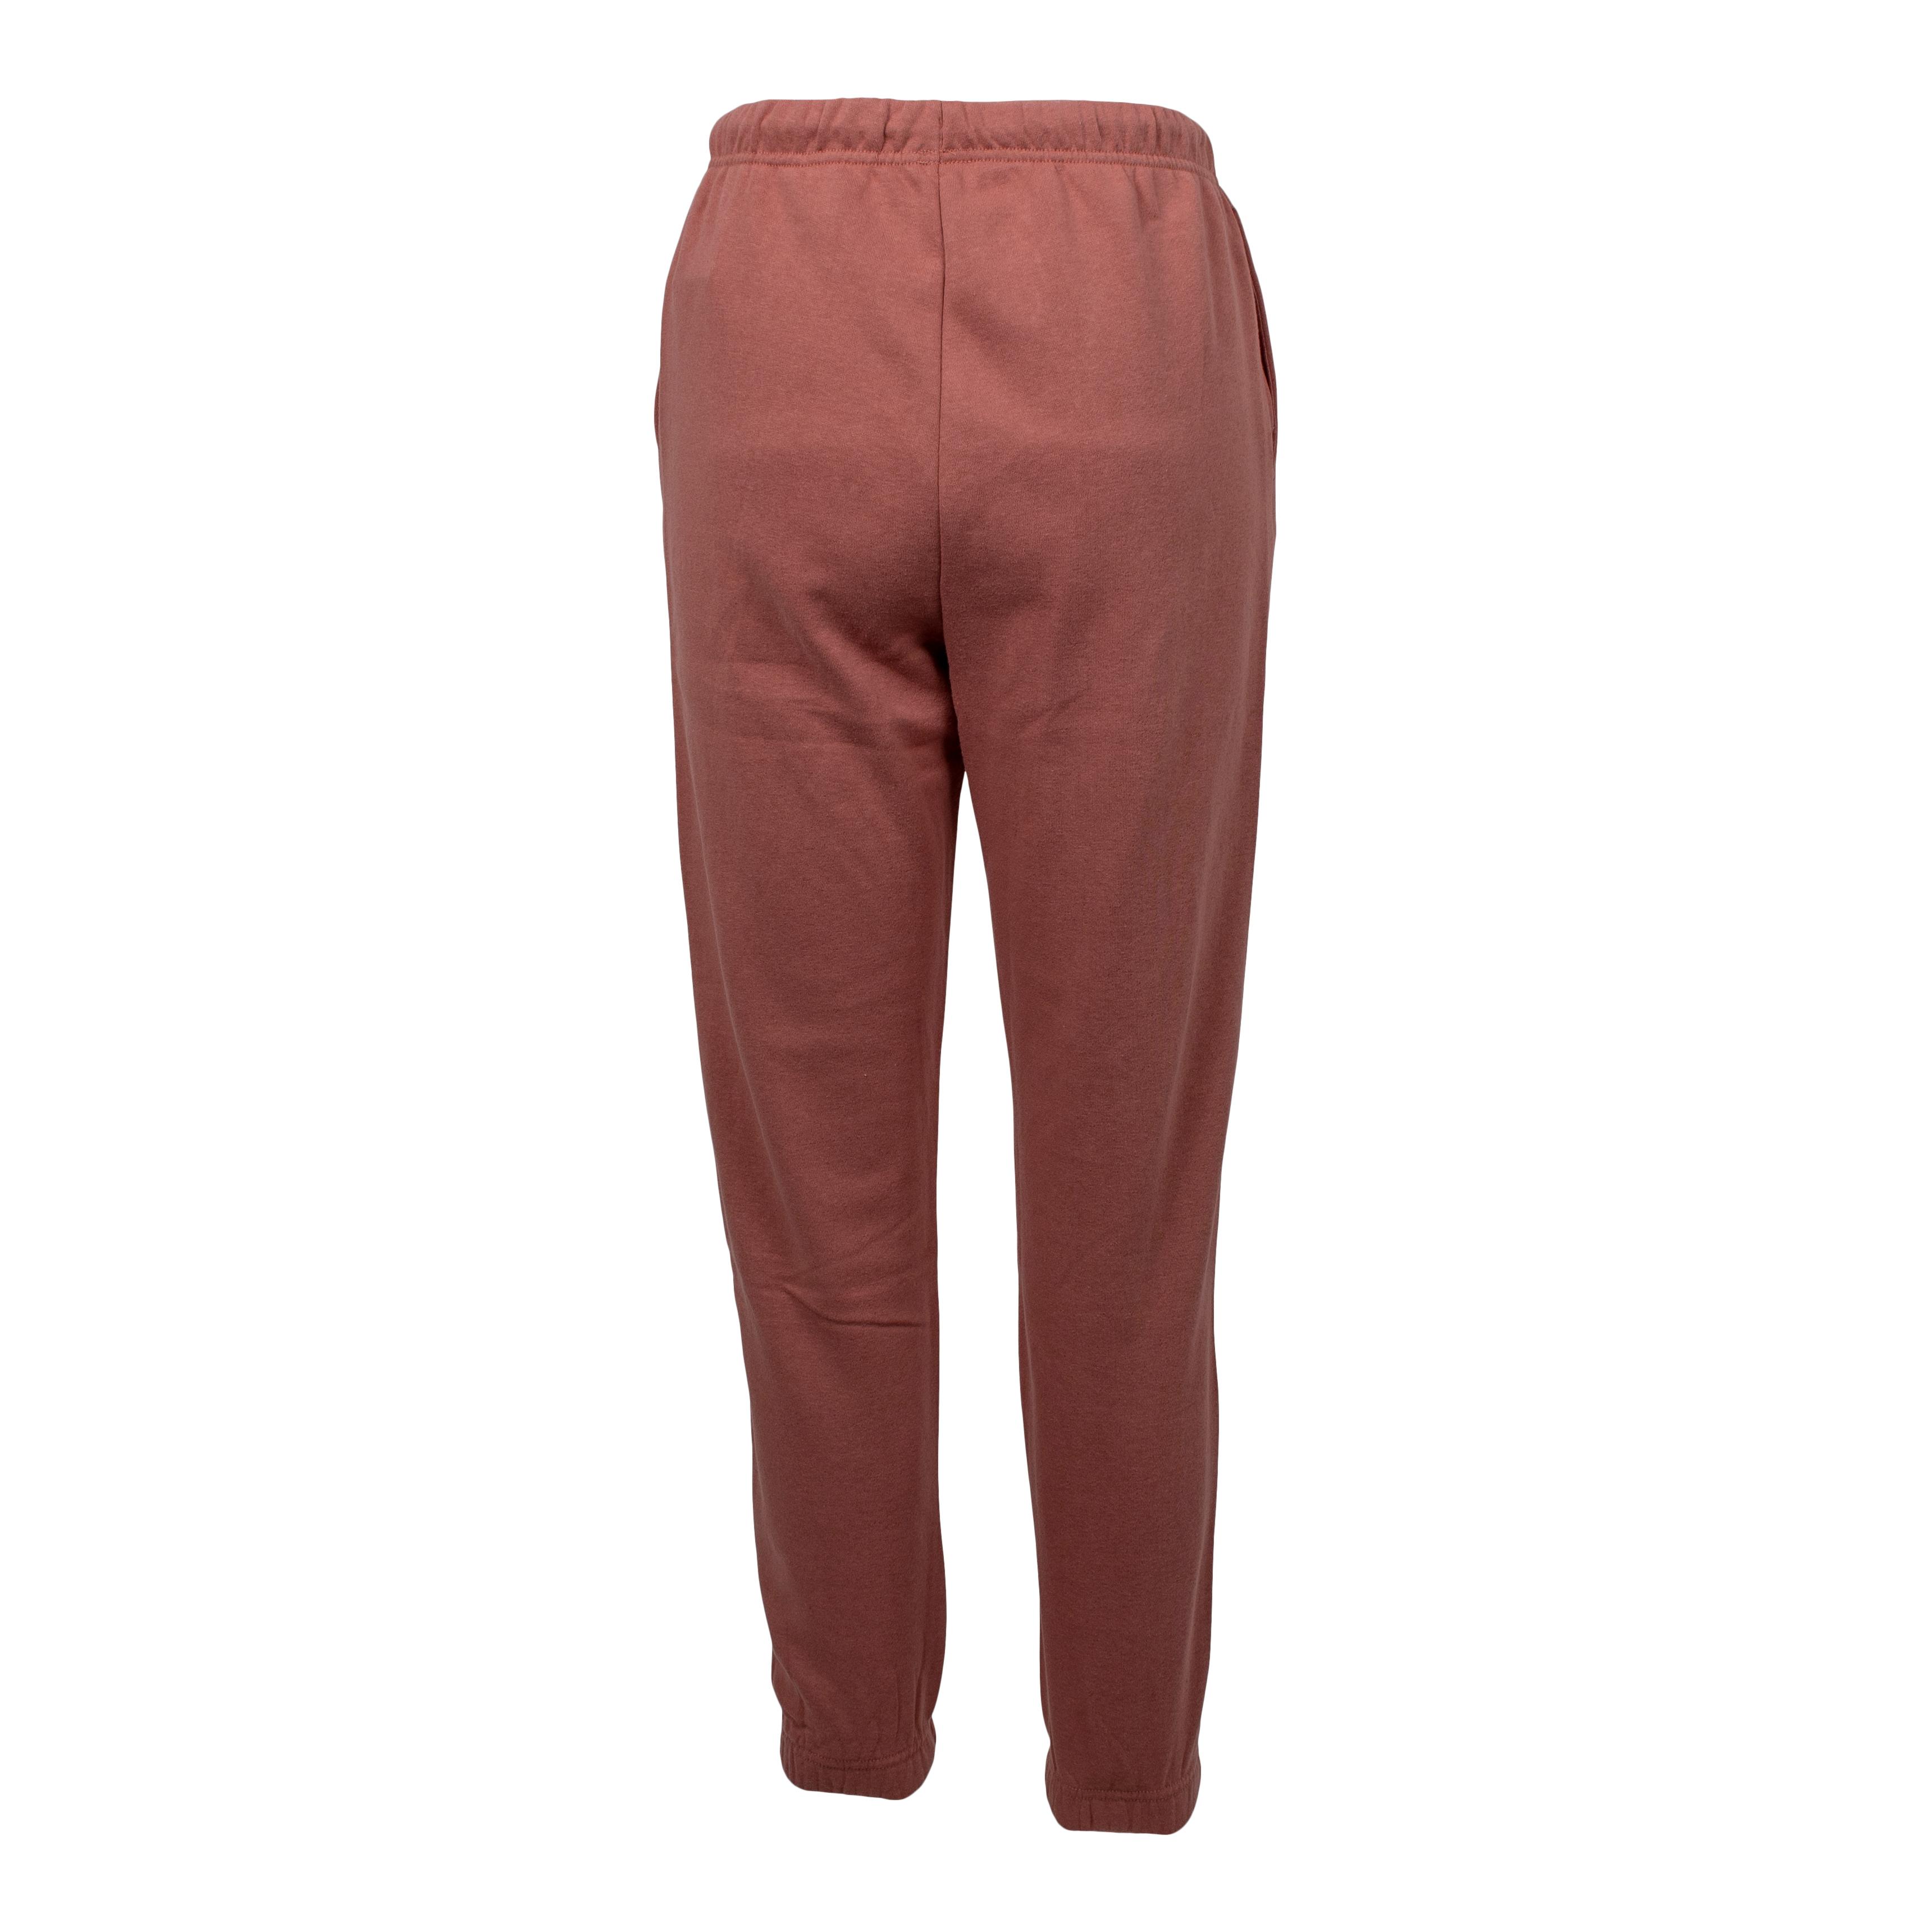 Pieces PCChilli HW sweatpants, old rose, medium